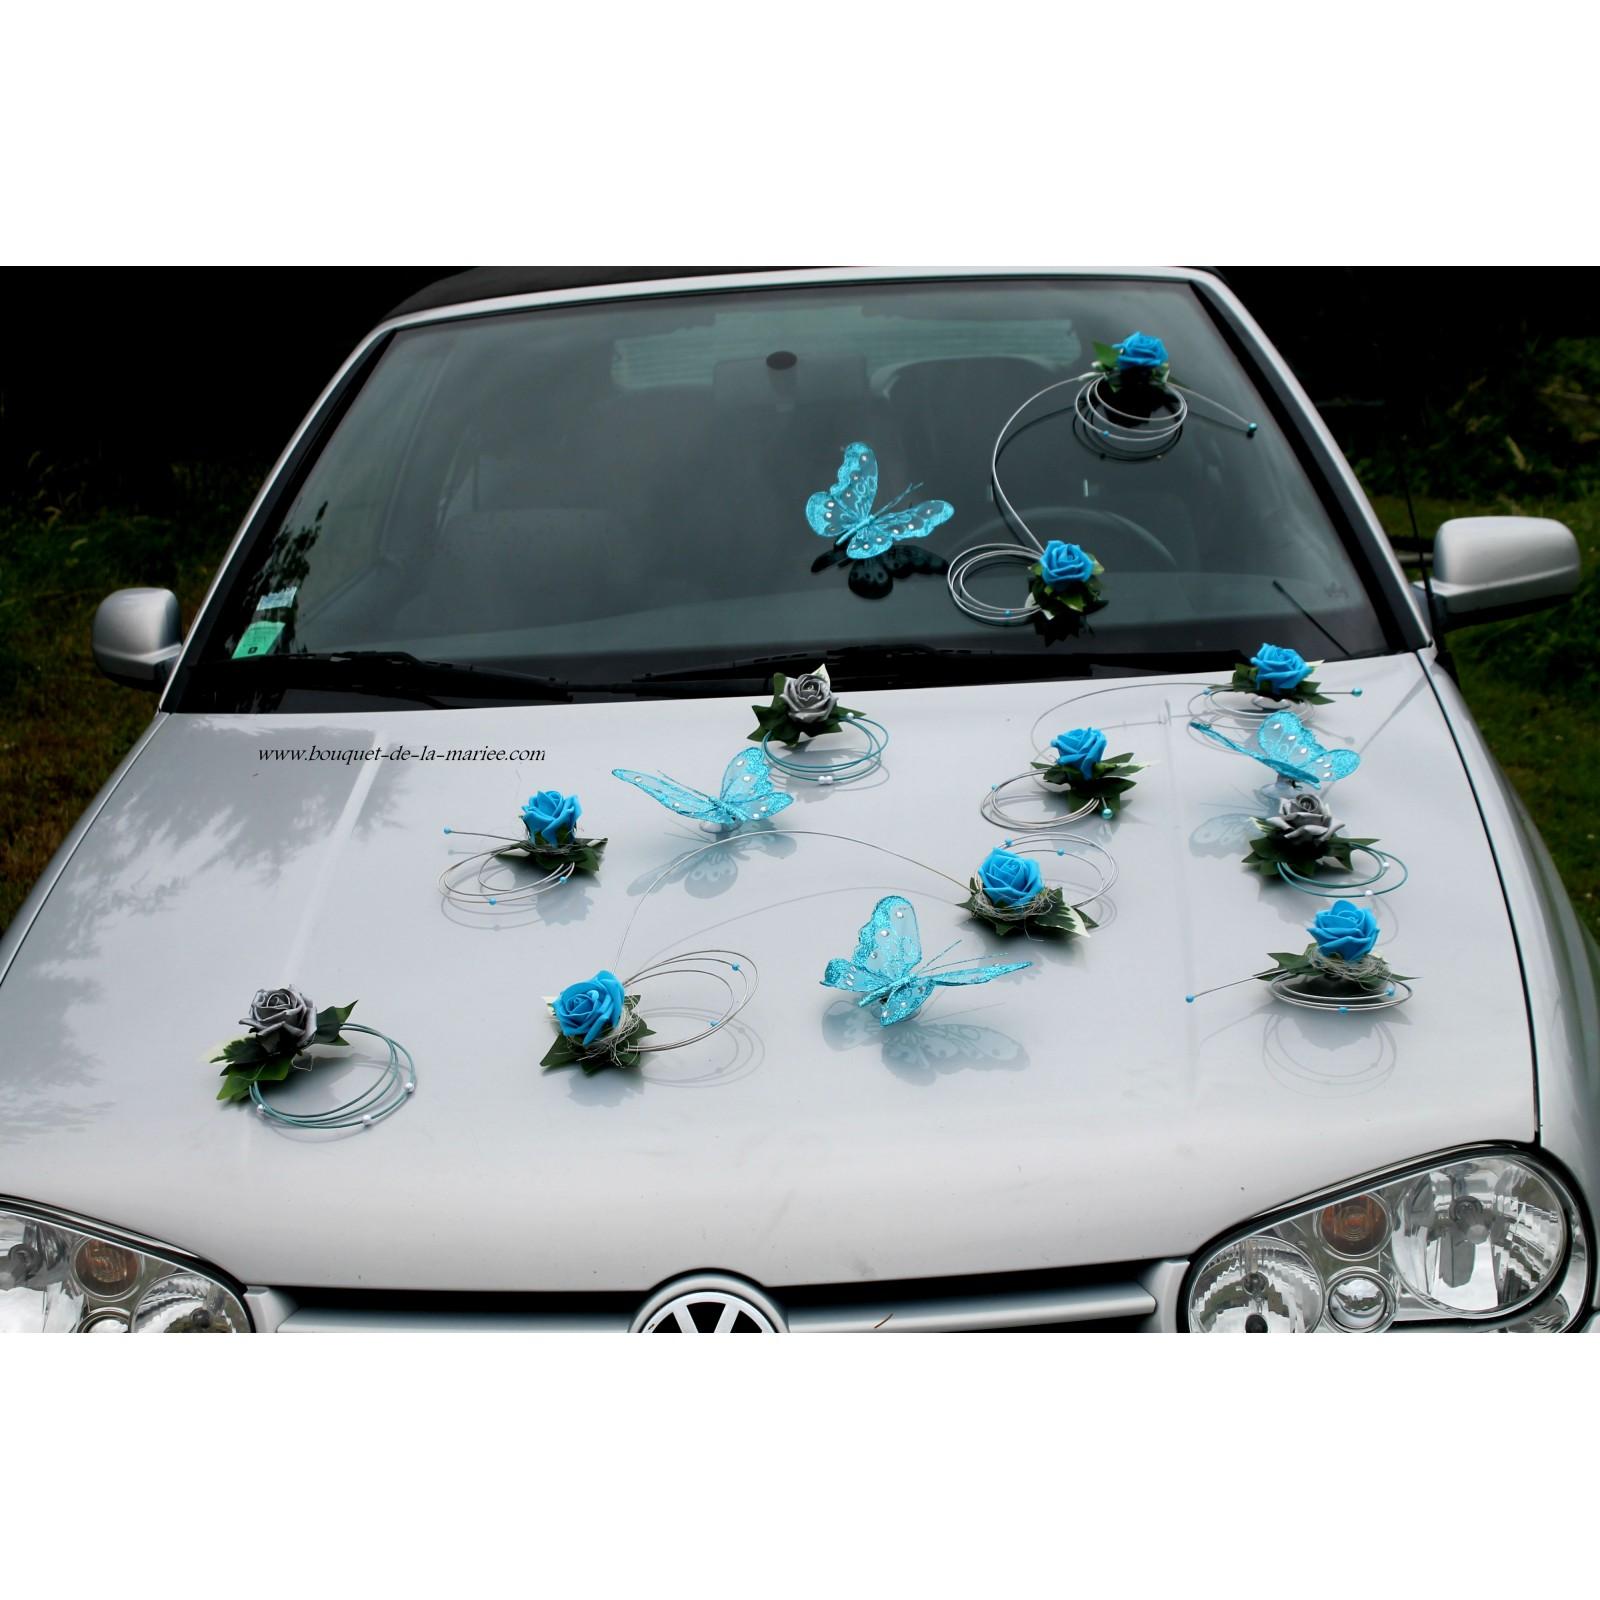 Dcoration Voiture Mariage Turquoise Gris Argent Papillon